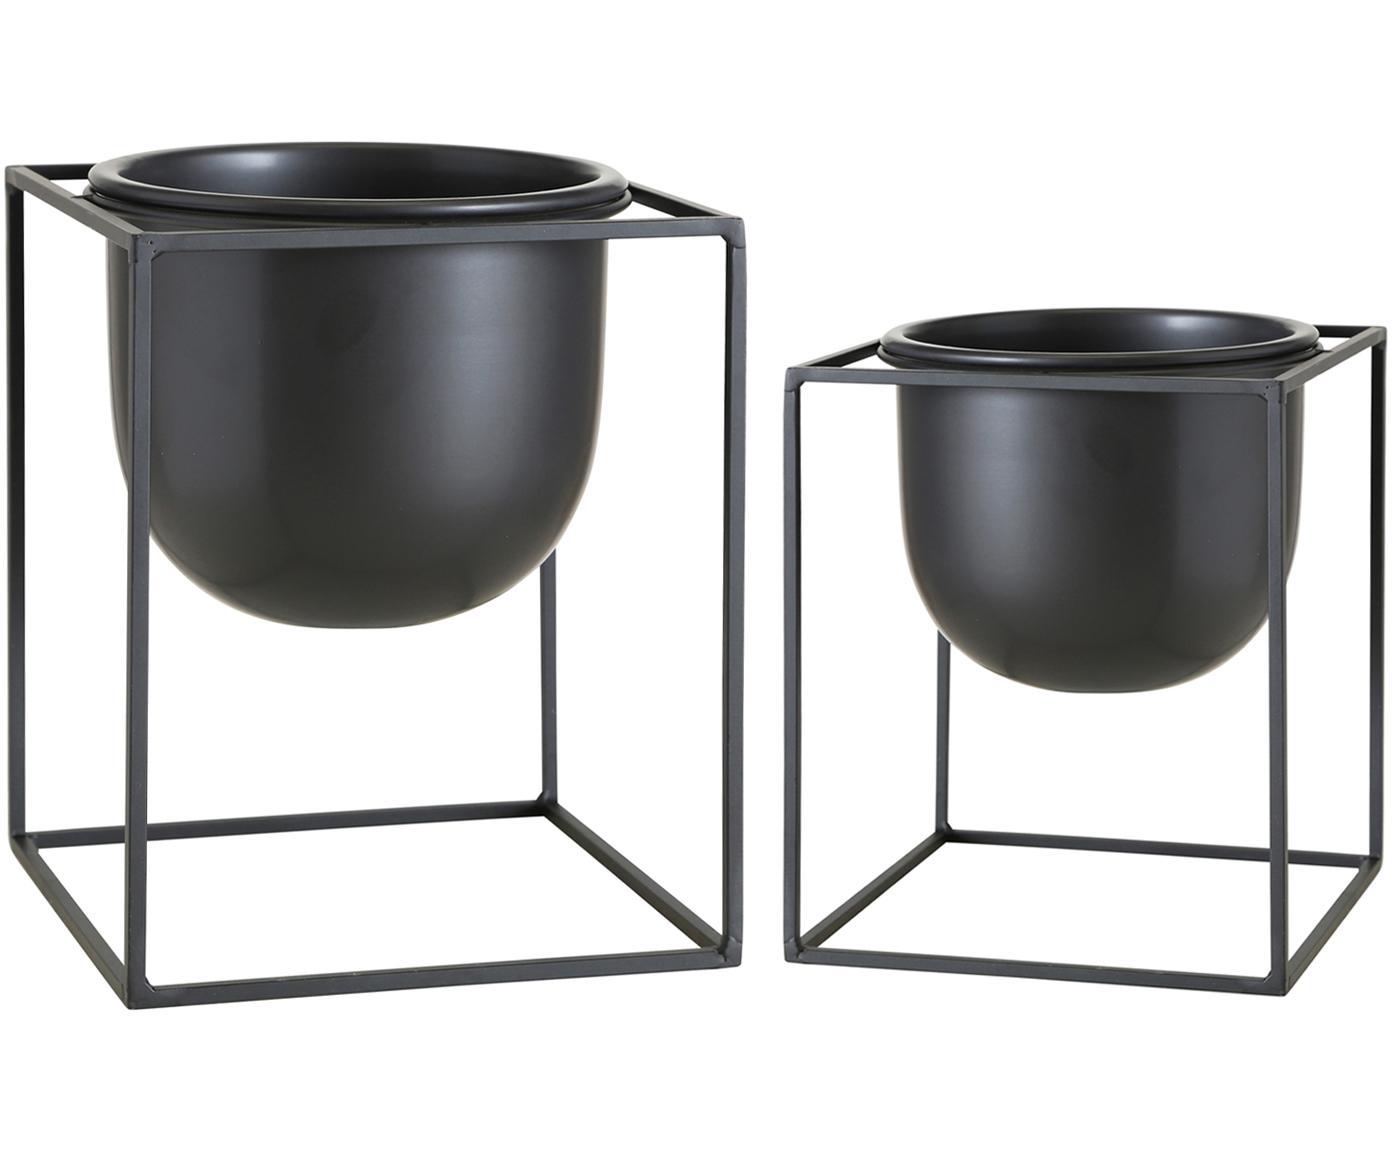 Blumentopf-Set Kumbo, 2-tlg., Metall, Schwarz, Sondergrößen